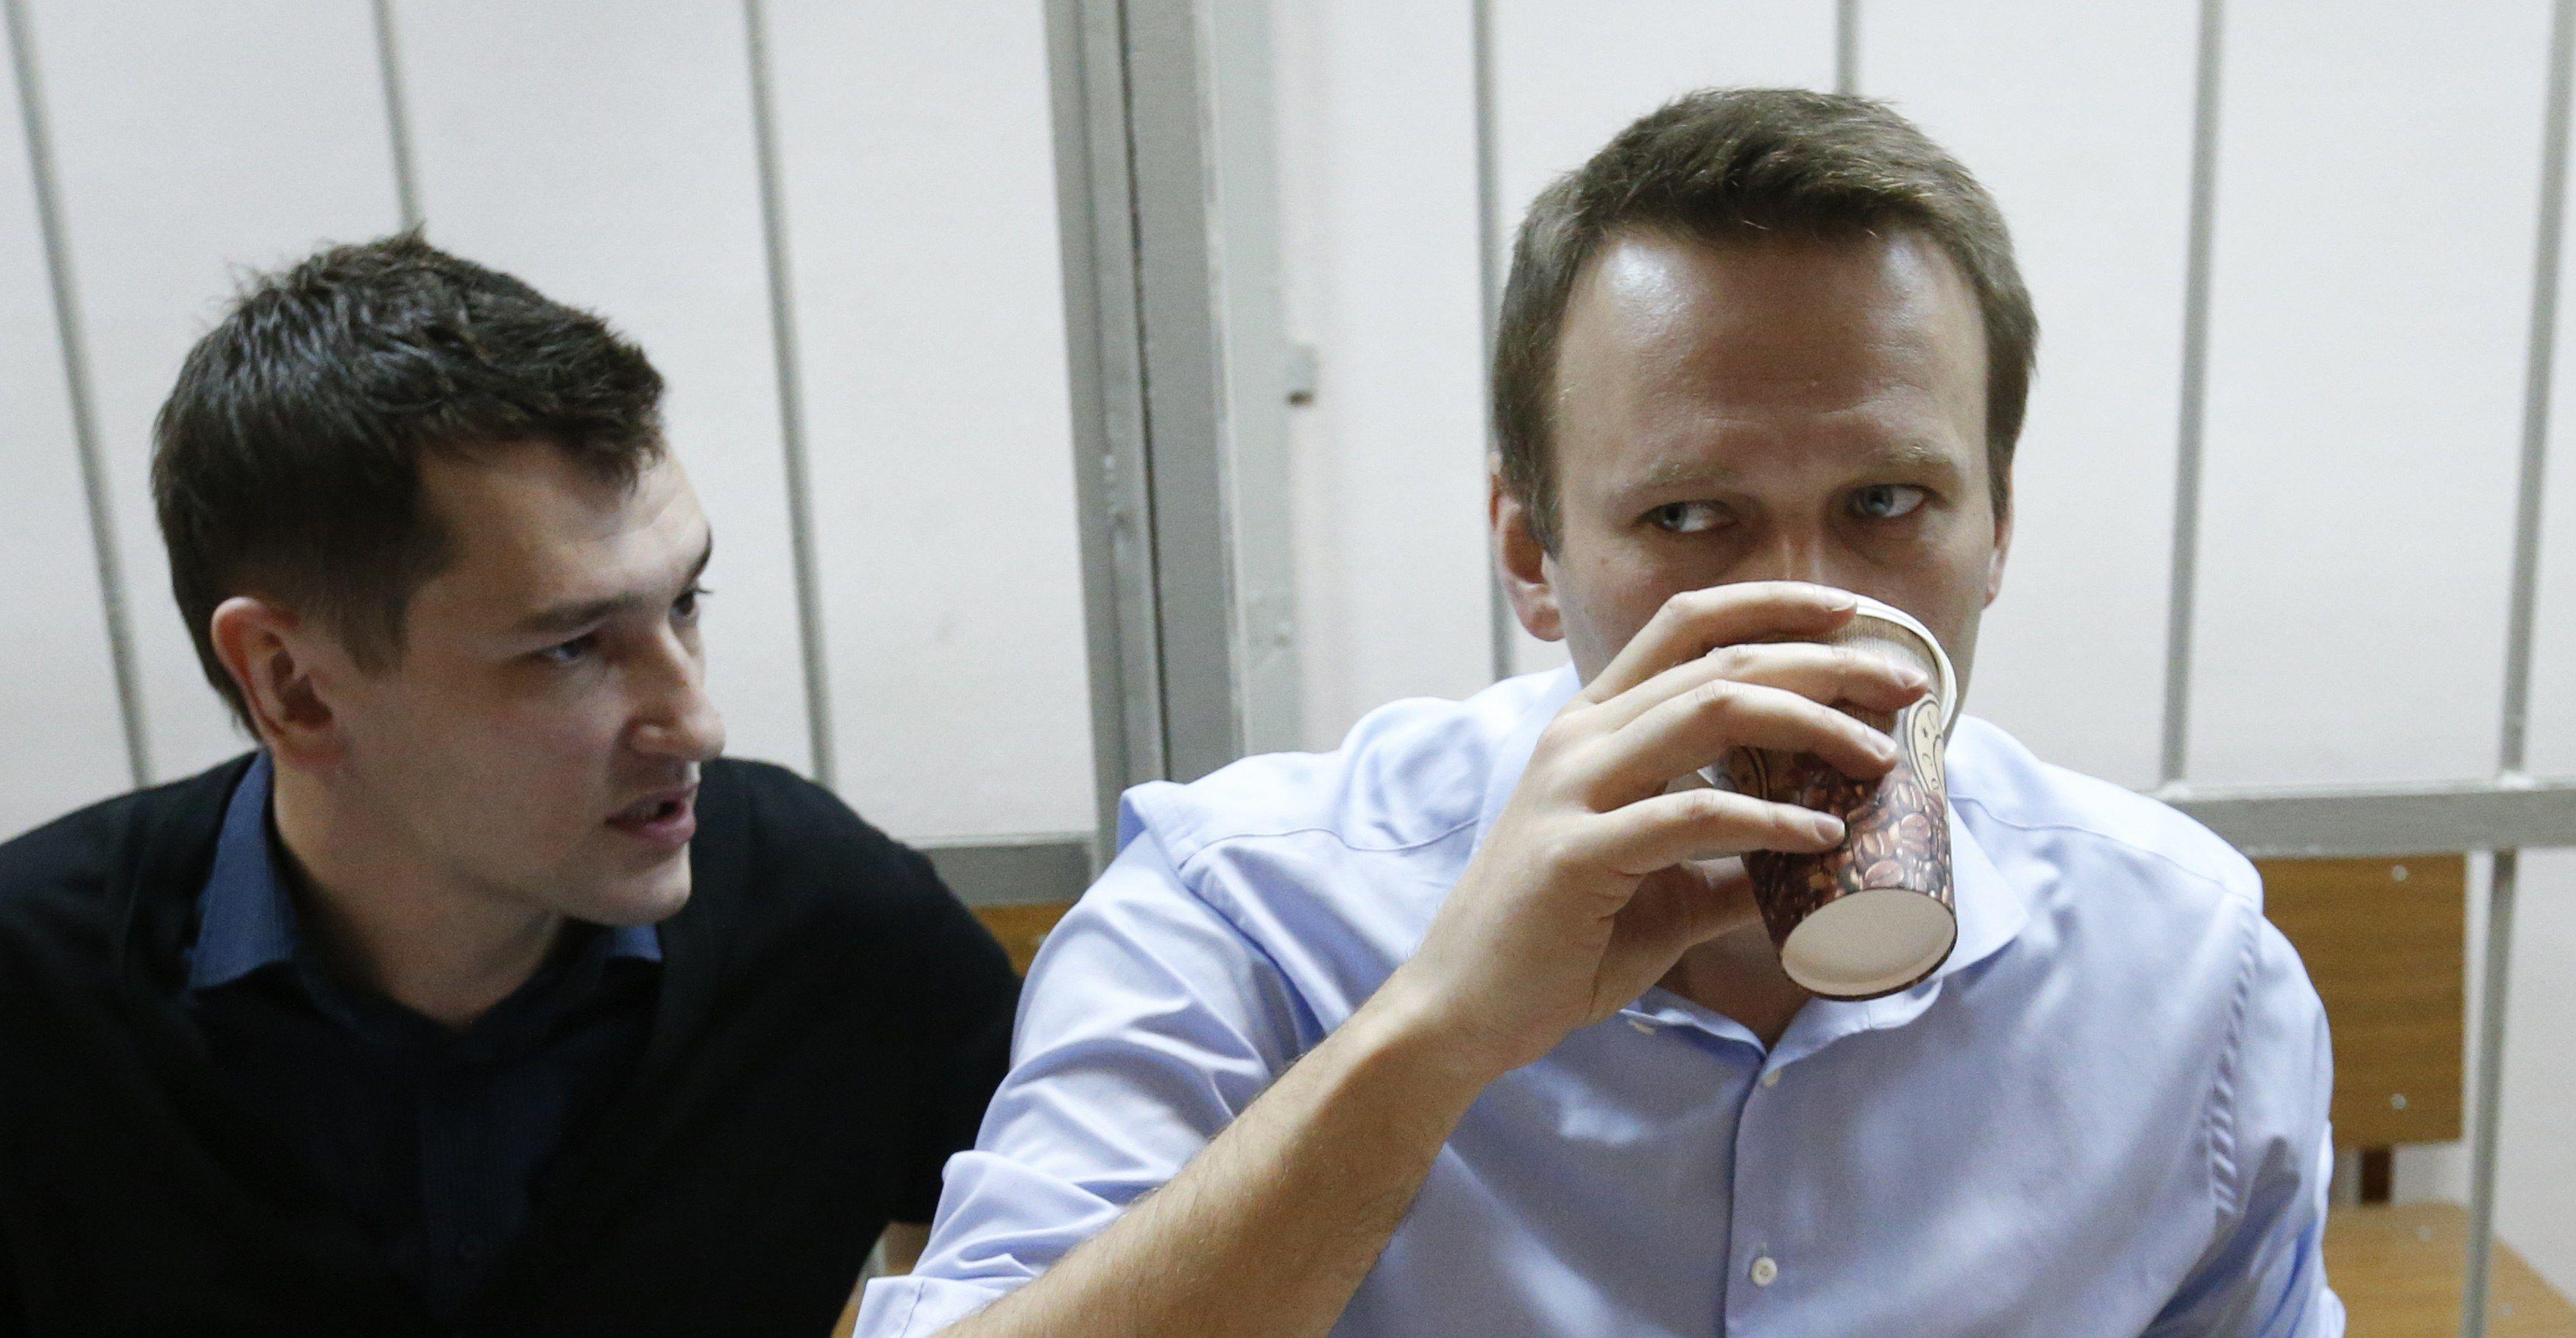 Навального отравили из-за Путина - официальное заявление